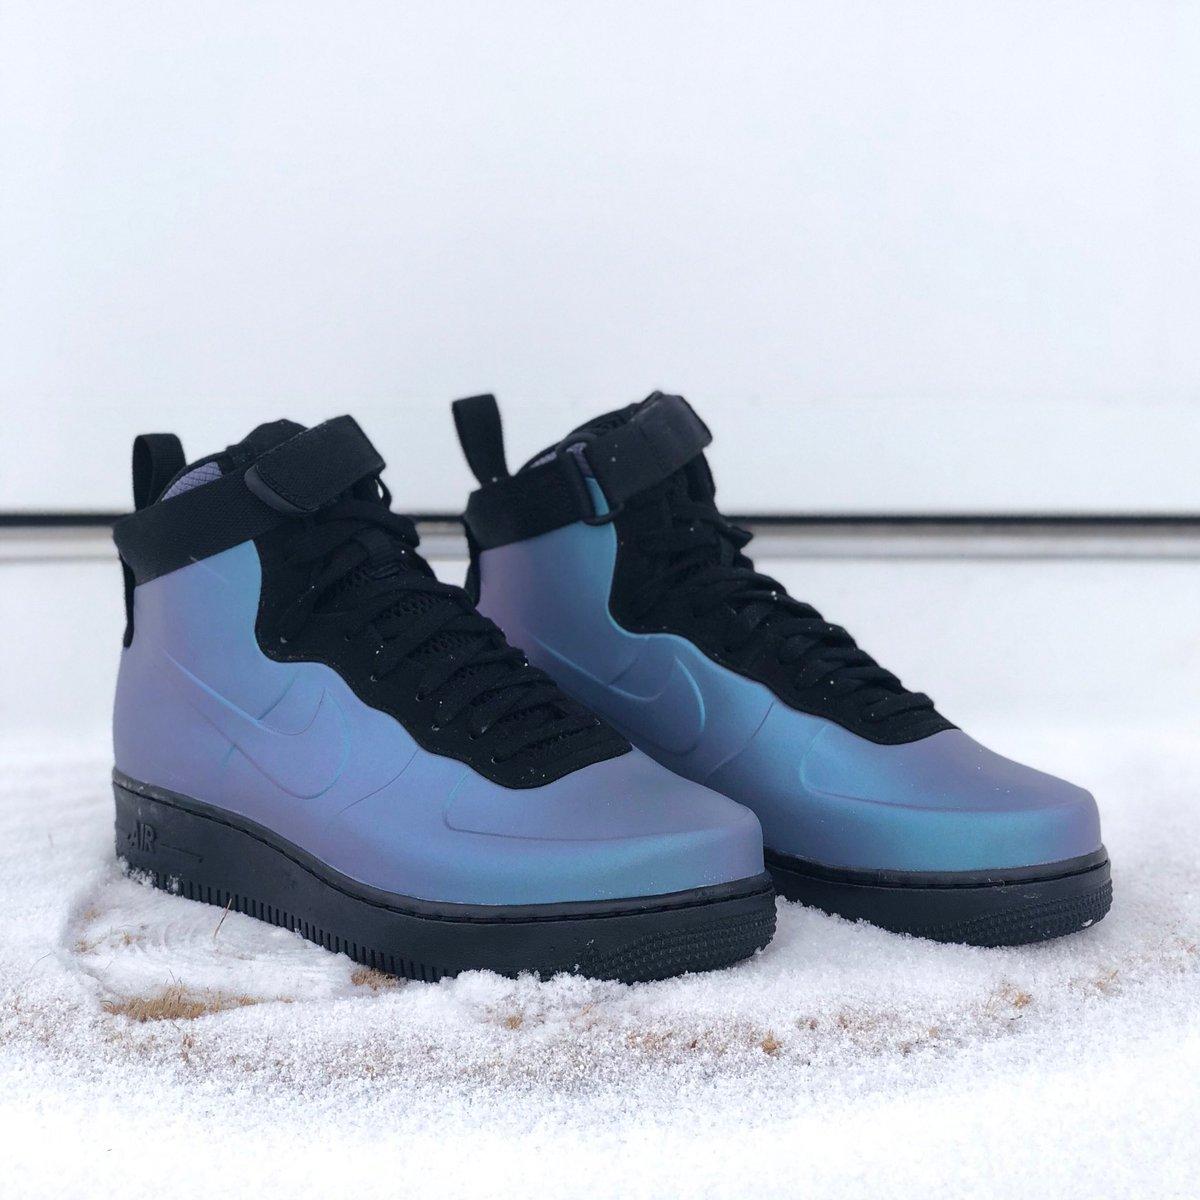 6b02ea8d83ab00 Nike Air Force 1 Foamposite Light Carbon